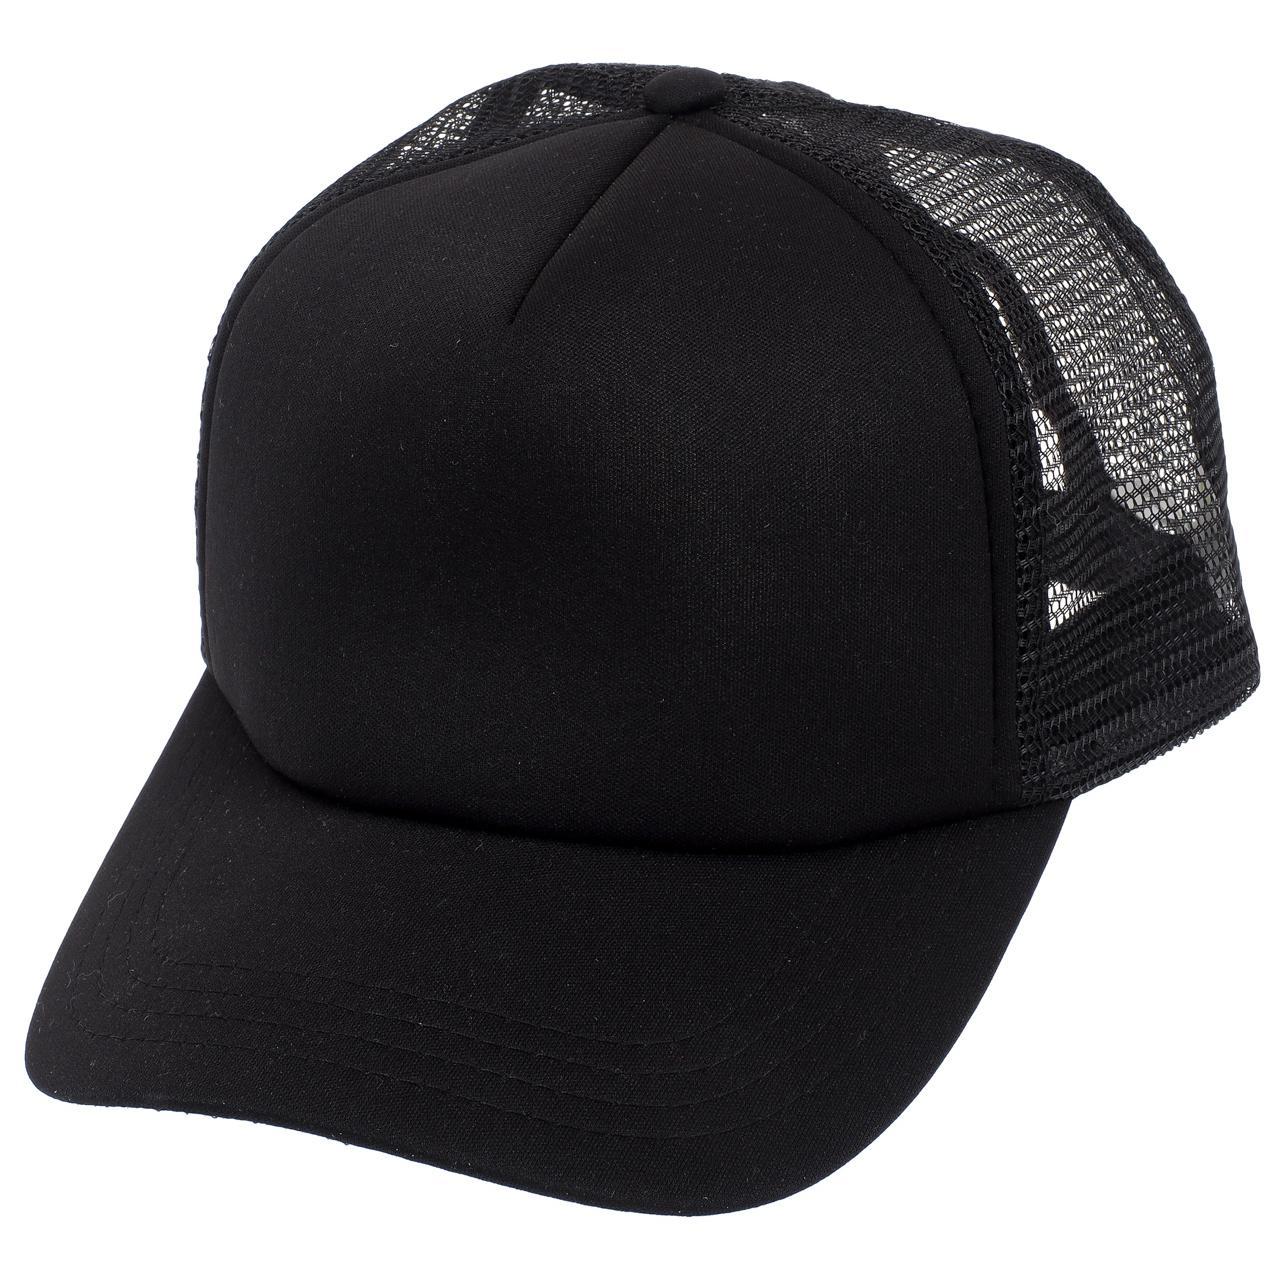 Casquette-Toptex-Trucker-kup-black-Noir-14354-Neuf